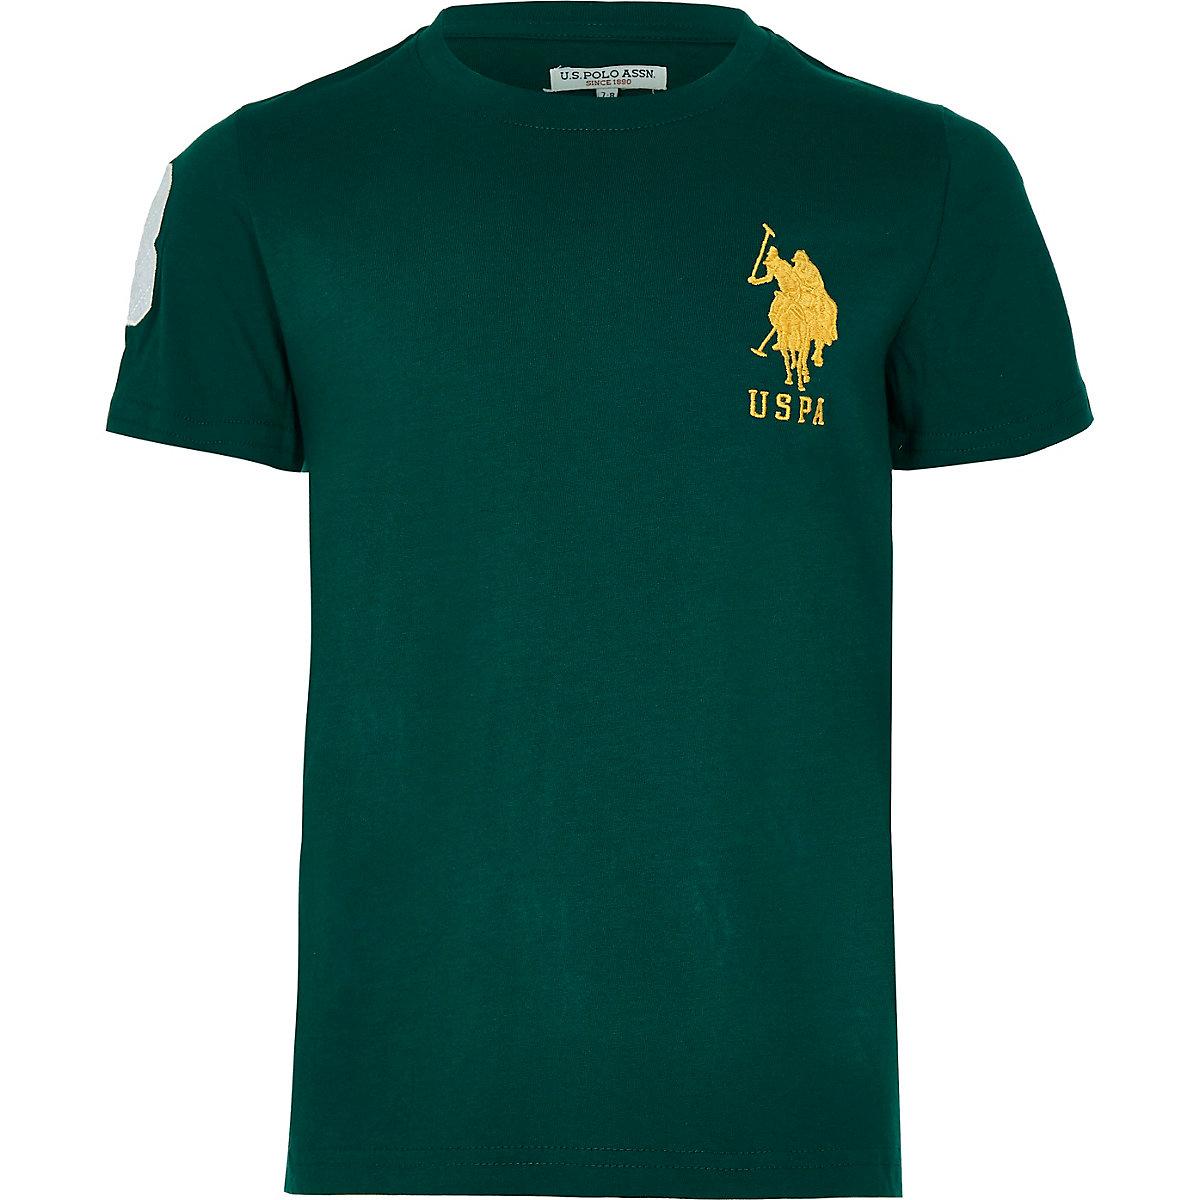 U.S. Polo Assn. – Grünes T-Shirt